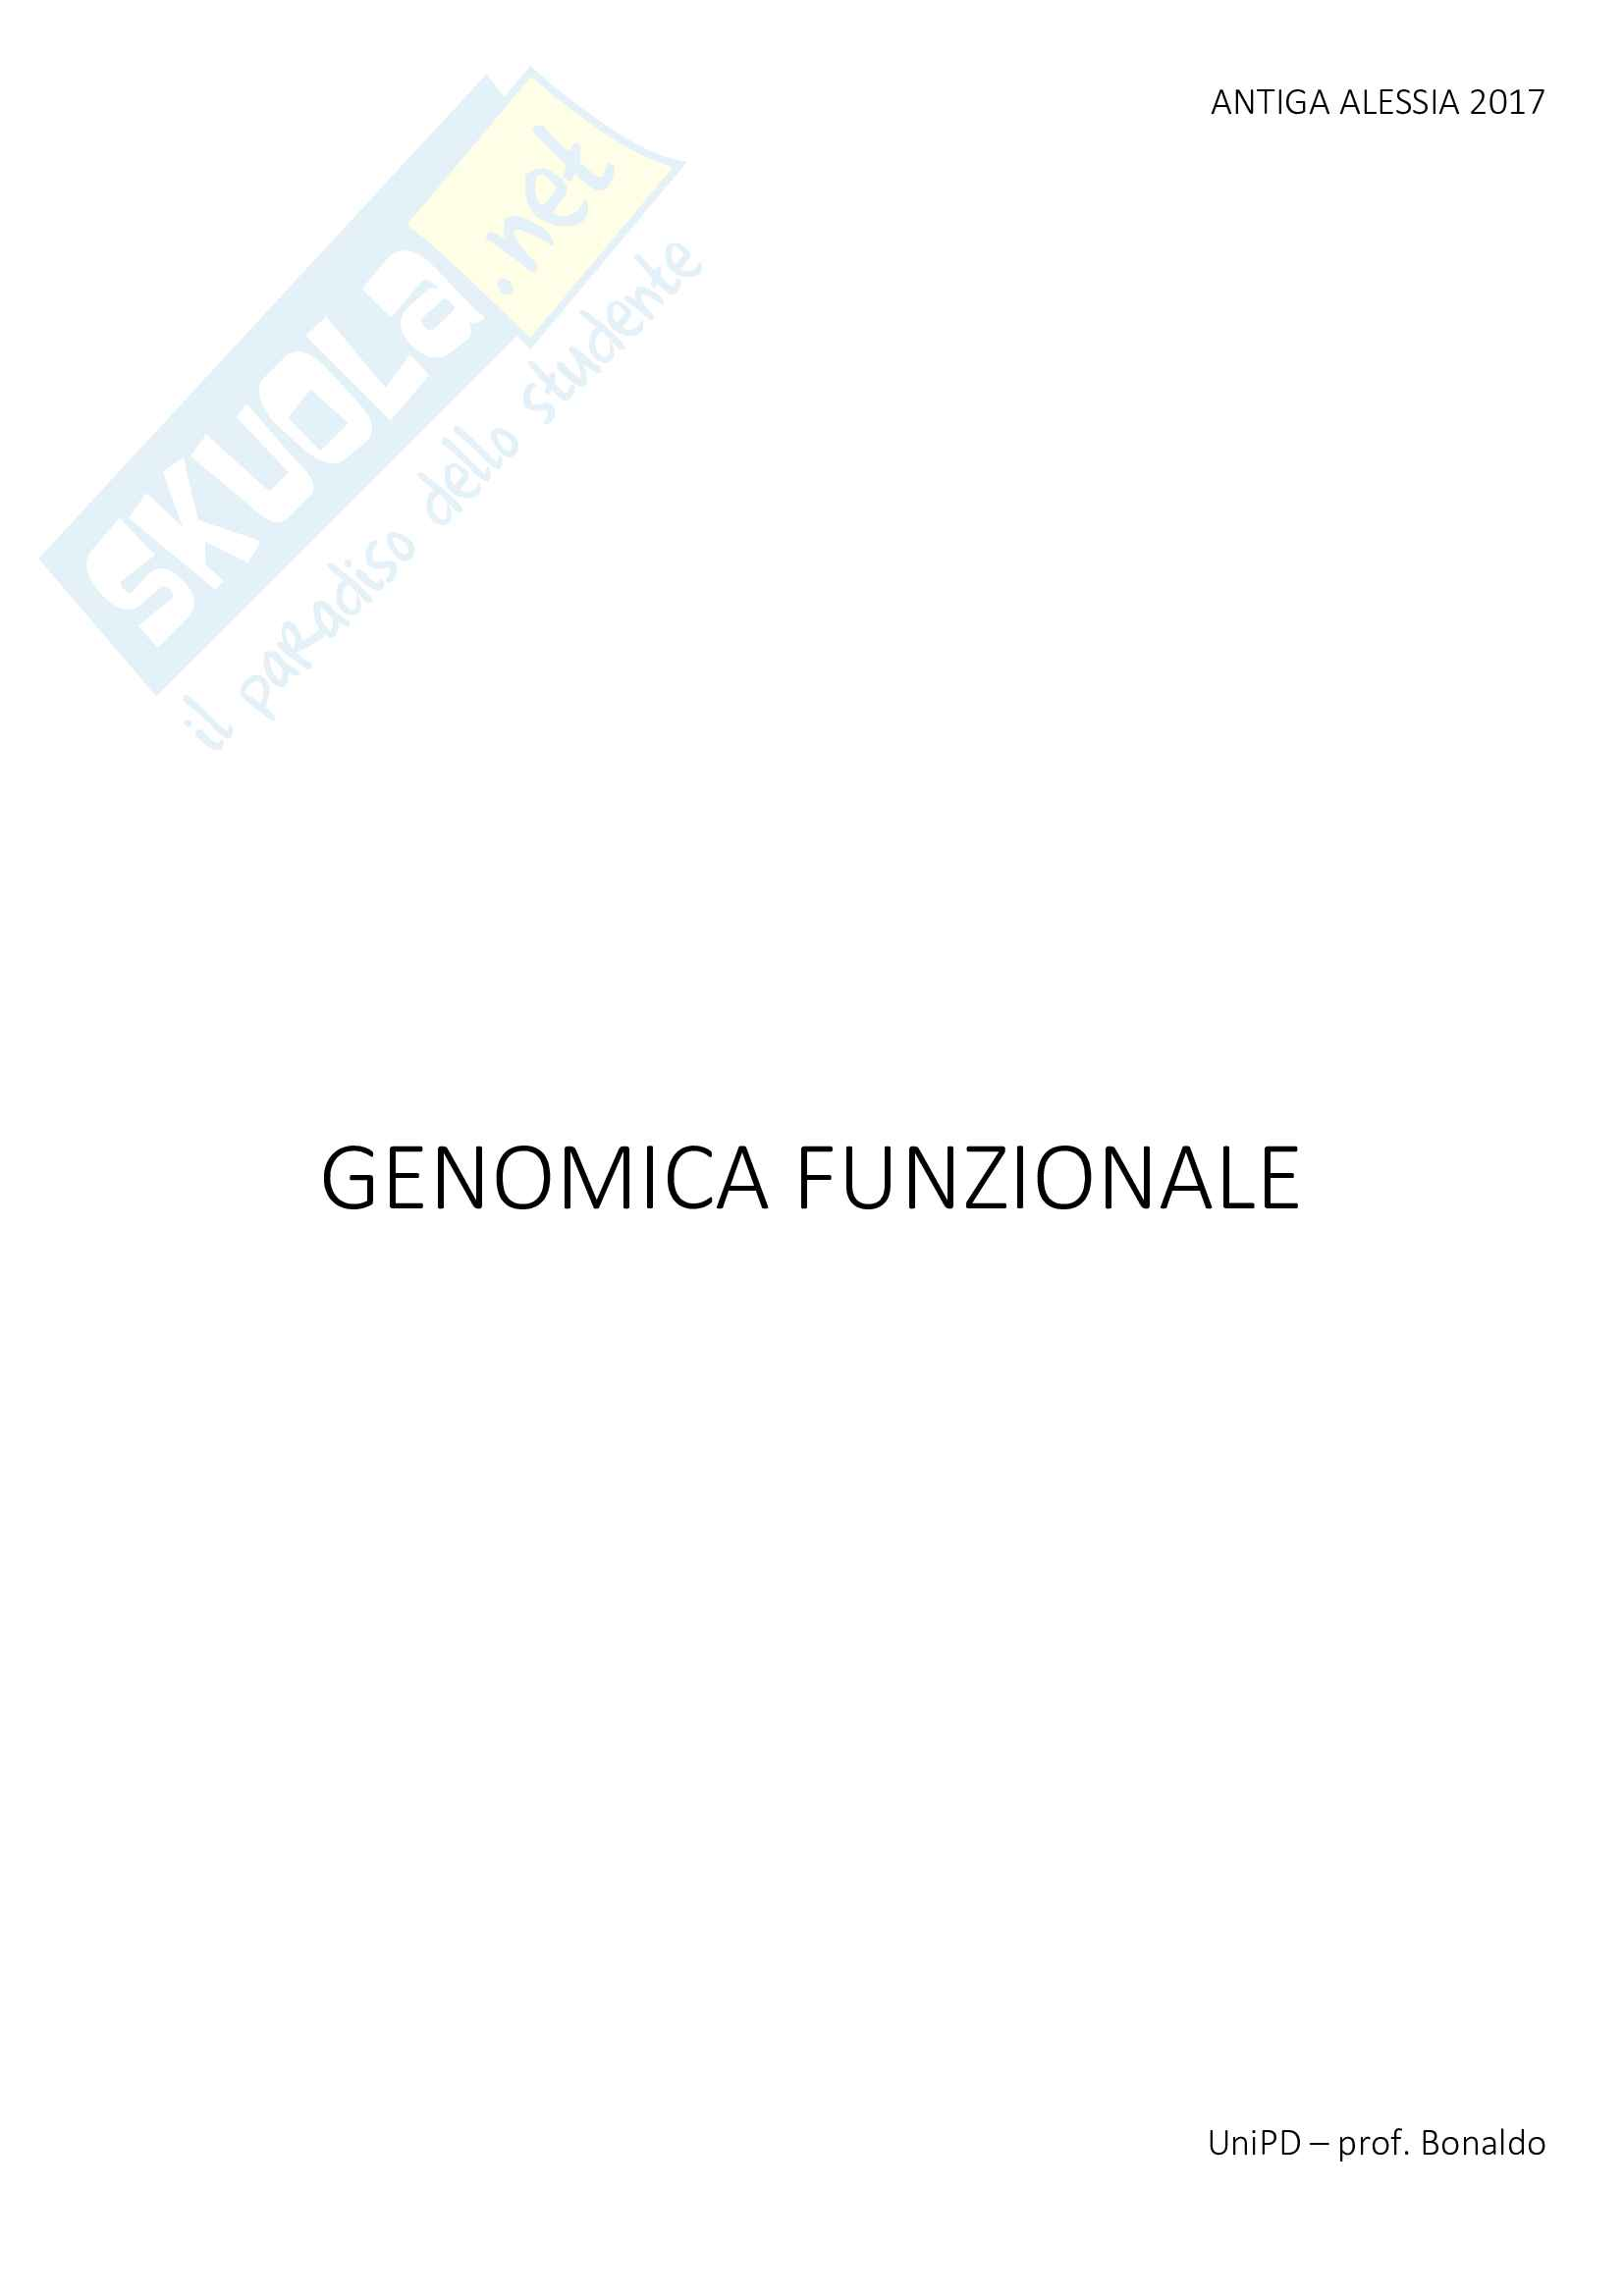 genomica funzionale - 230 pagine